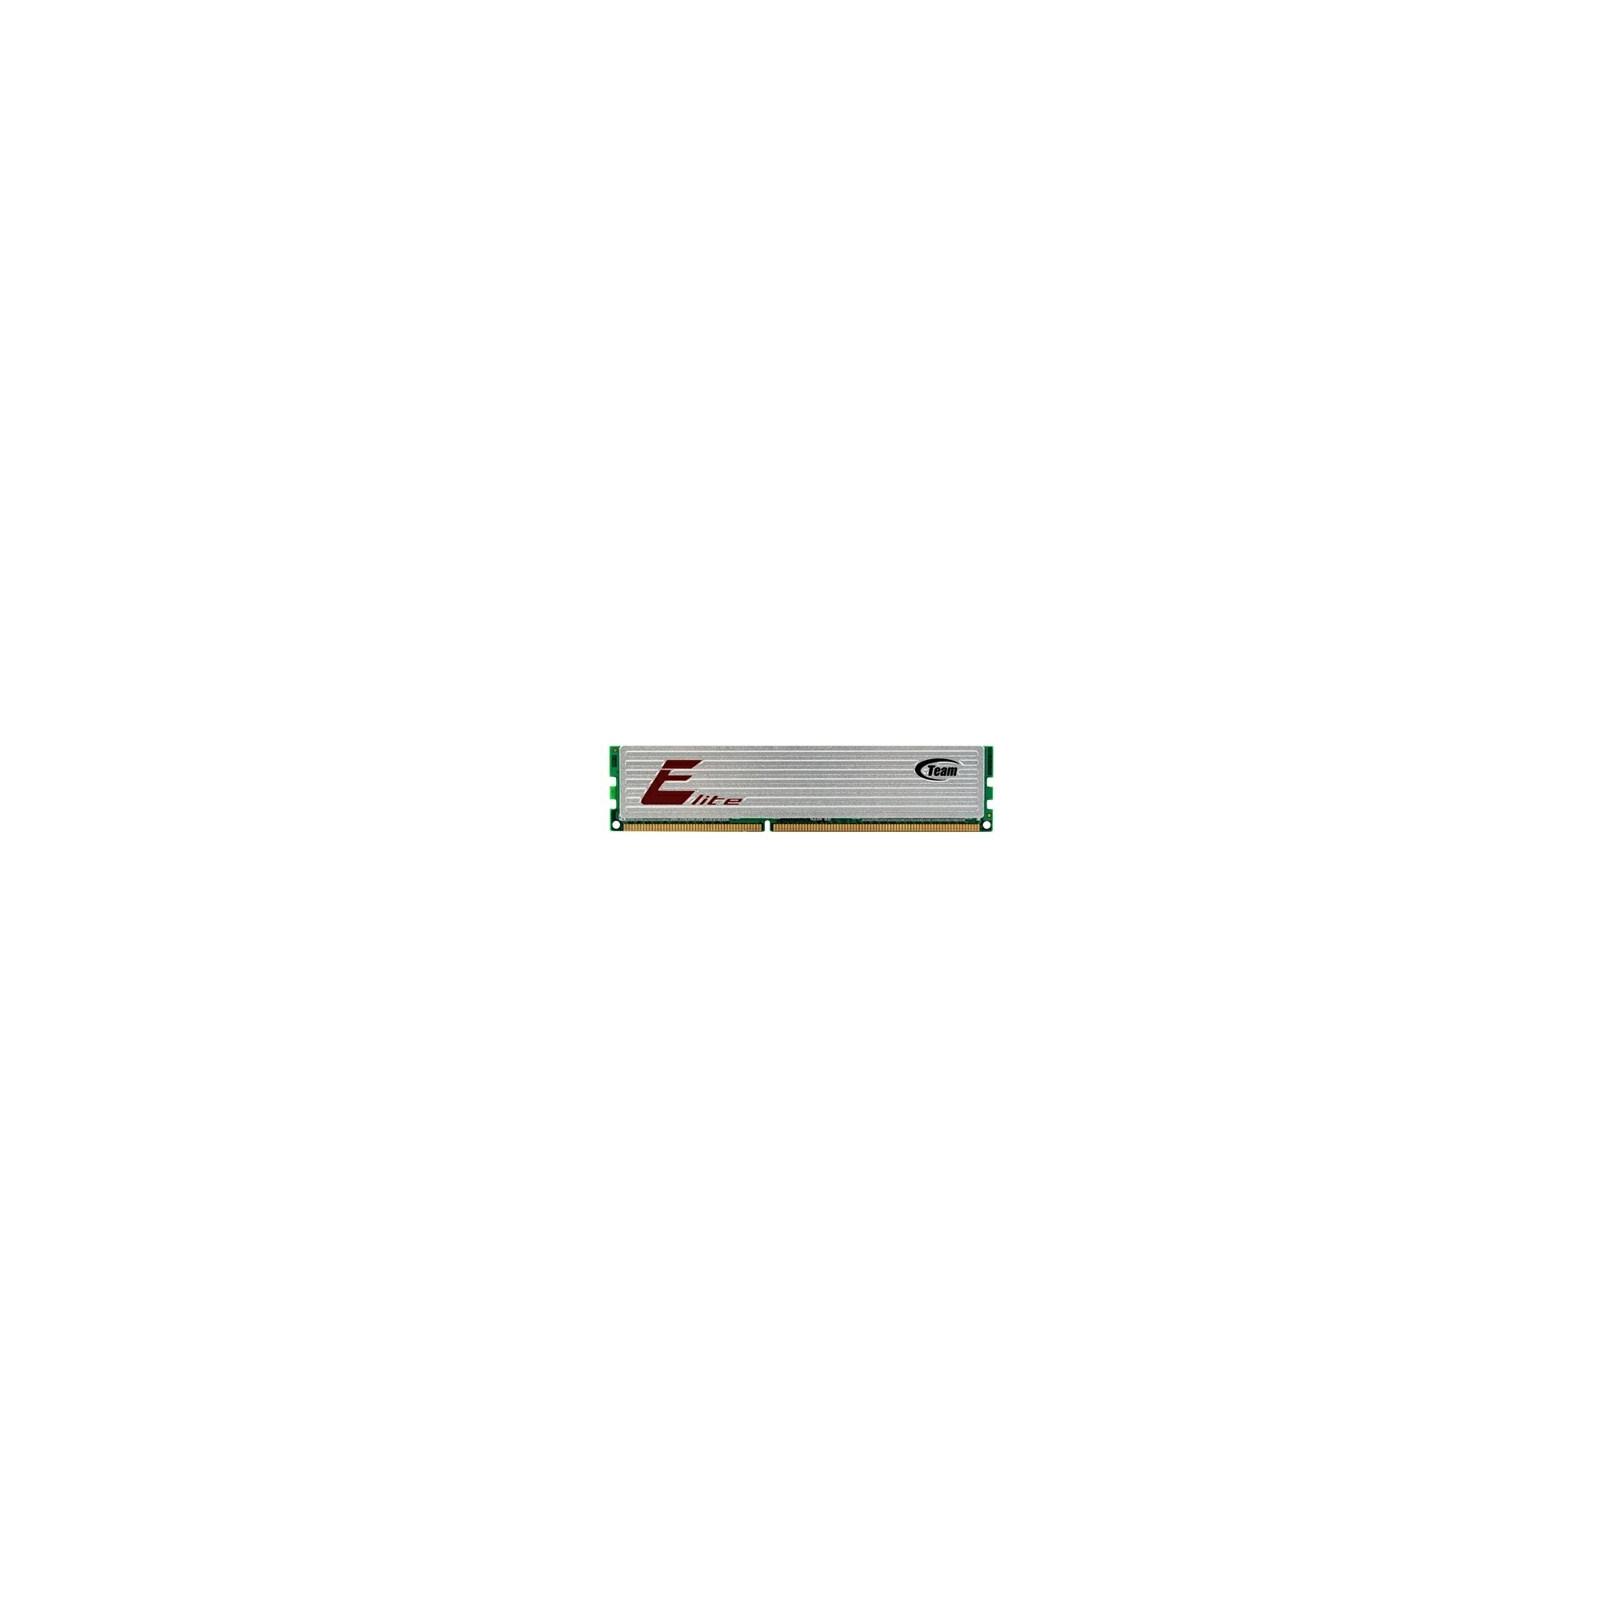 Модуль памяти для компьютера DDR3 1GB 1333 MHz Team (TED31G1333HC9BK / TED31024M1333HC9)